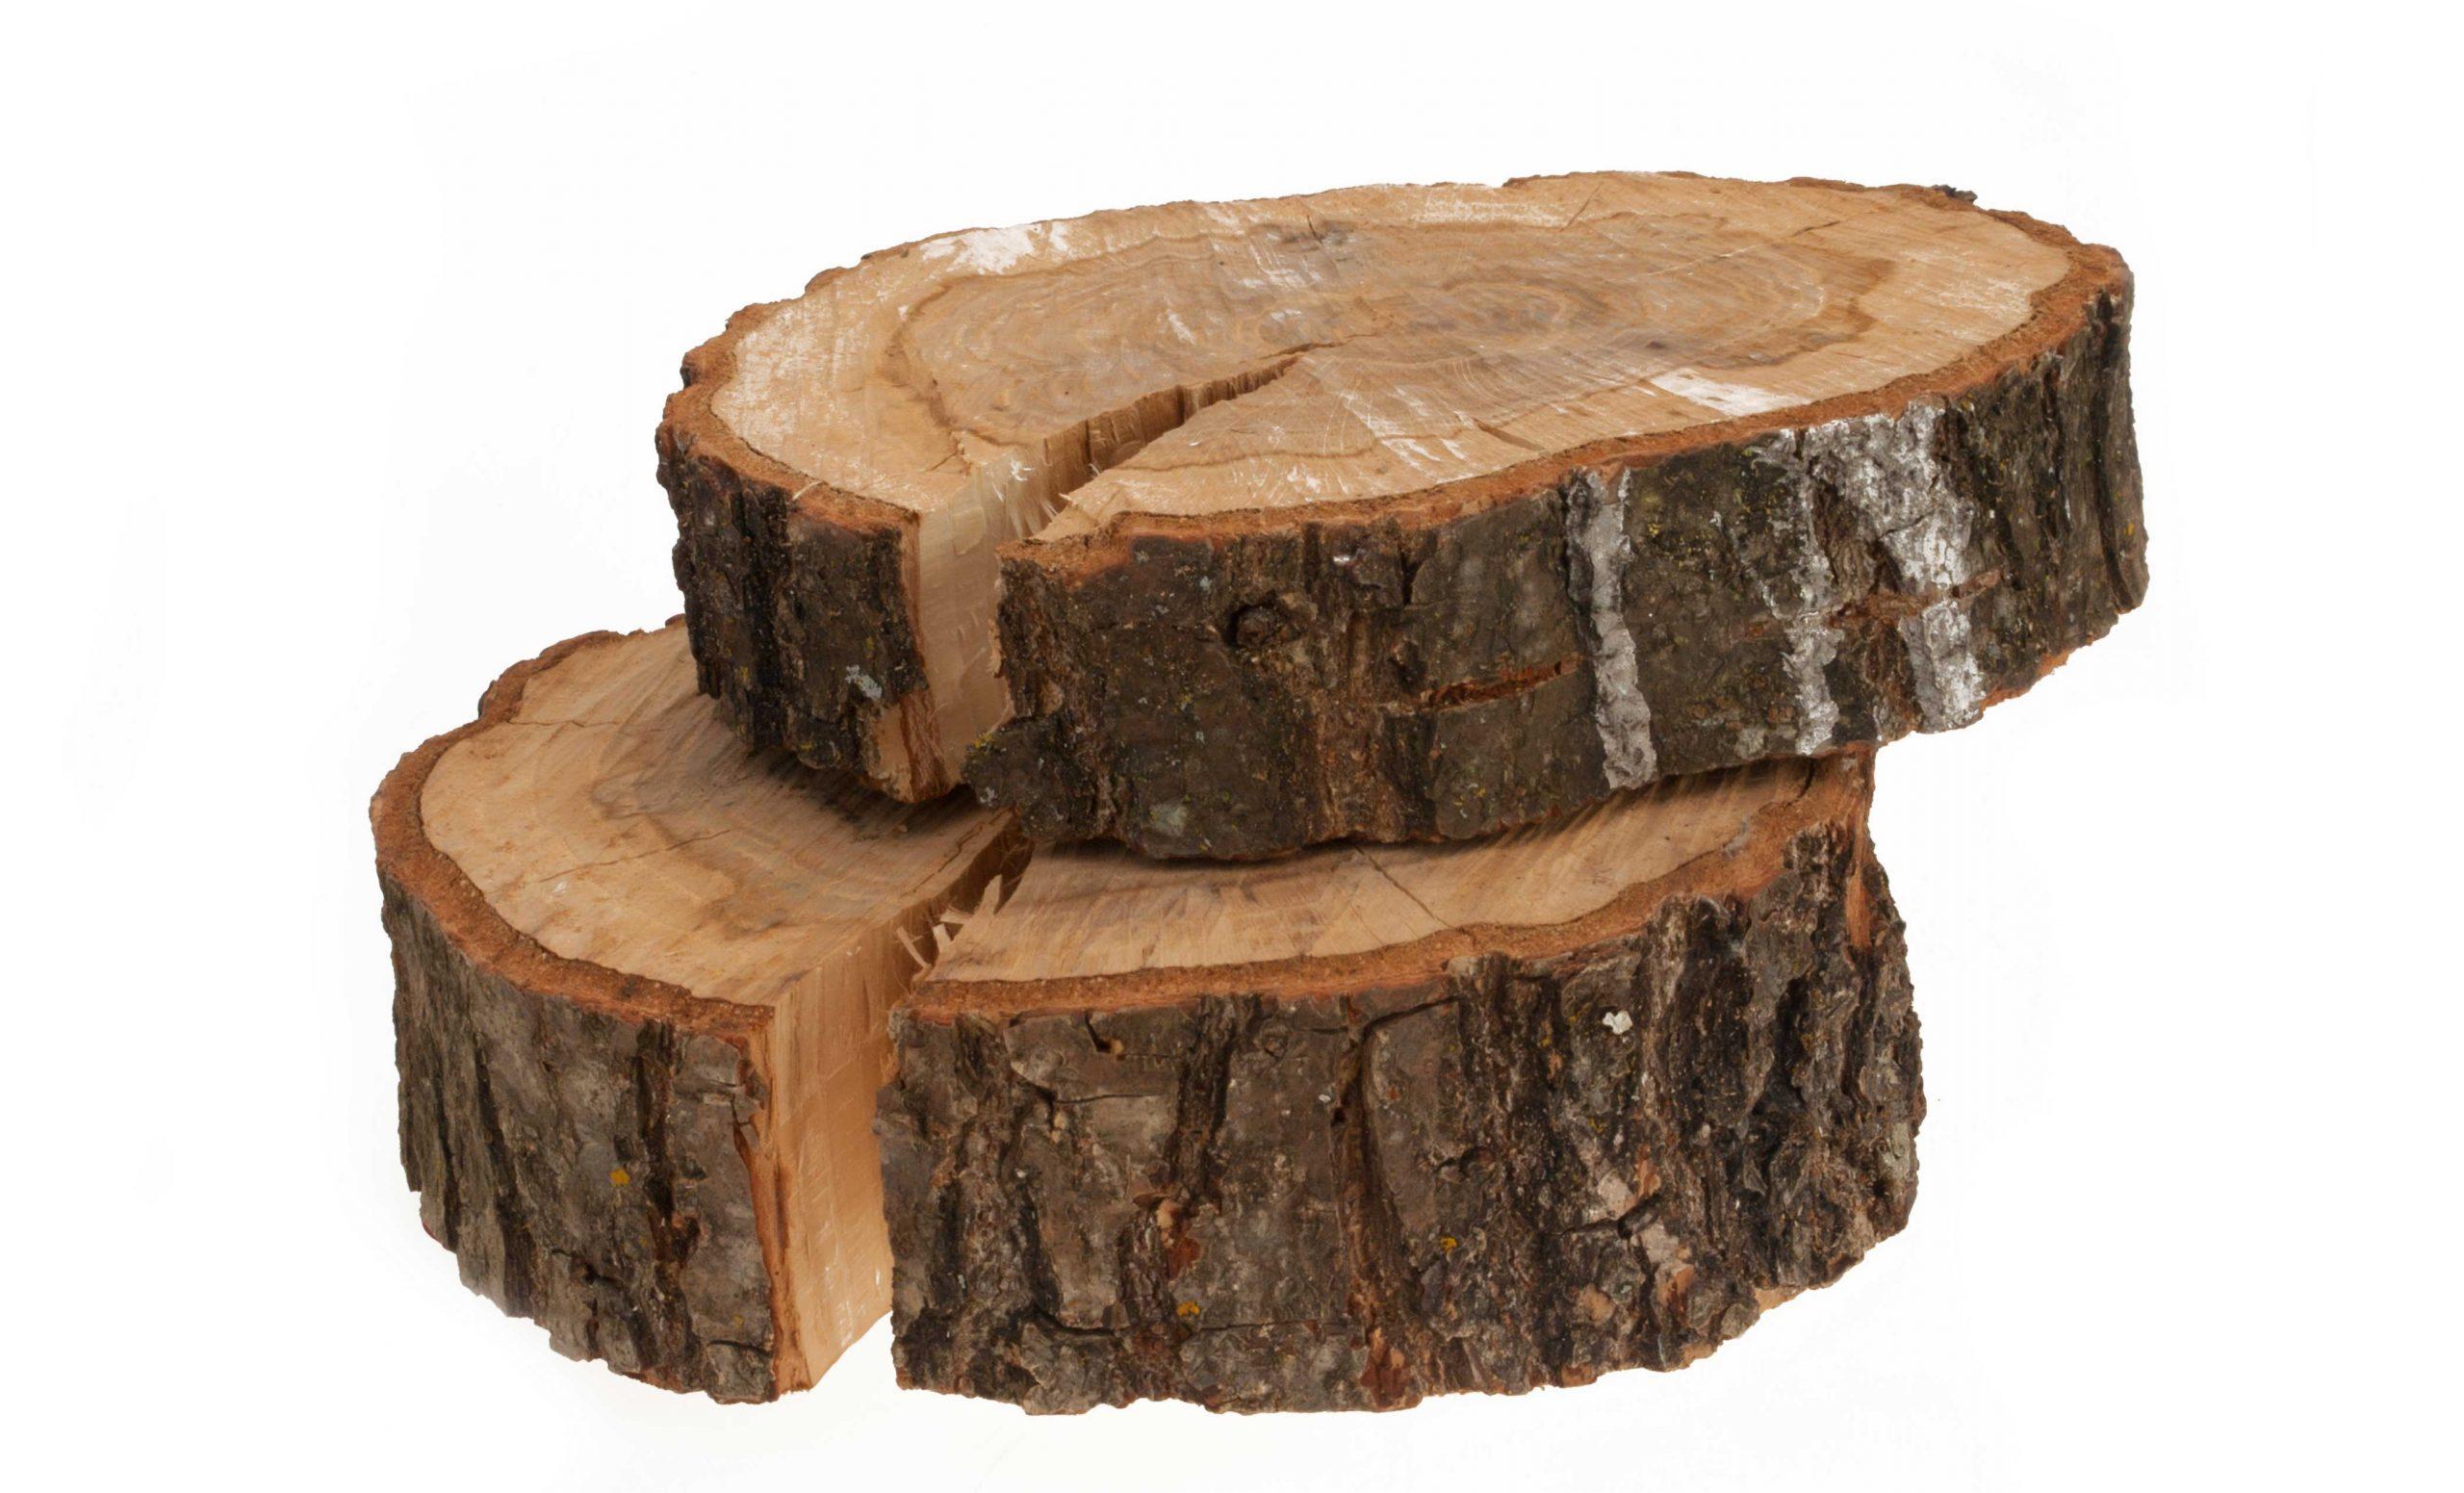 Fytosterolen en Fytosterolinen uit de bast van de pijnboom